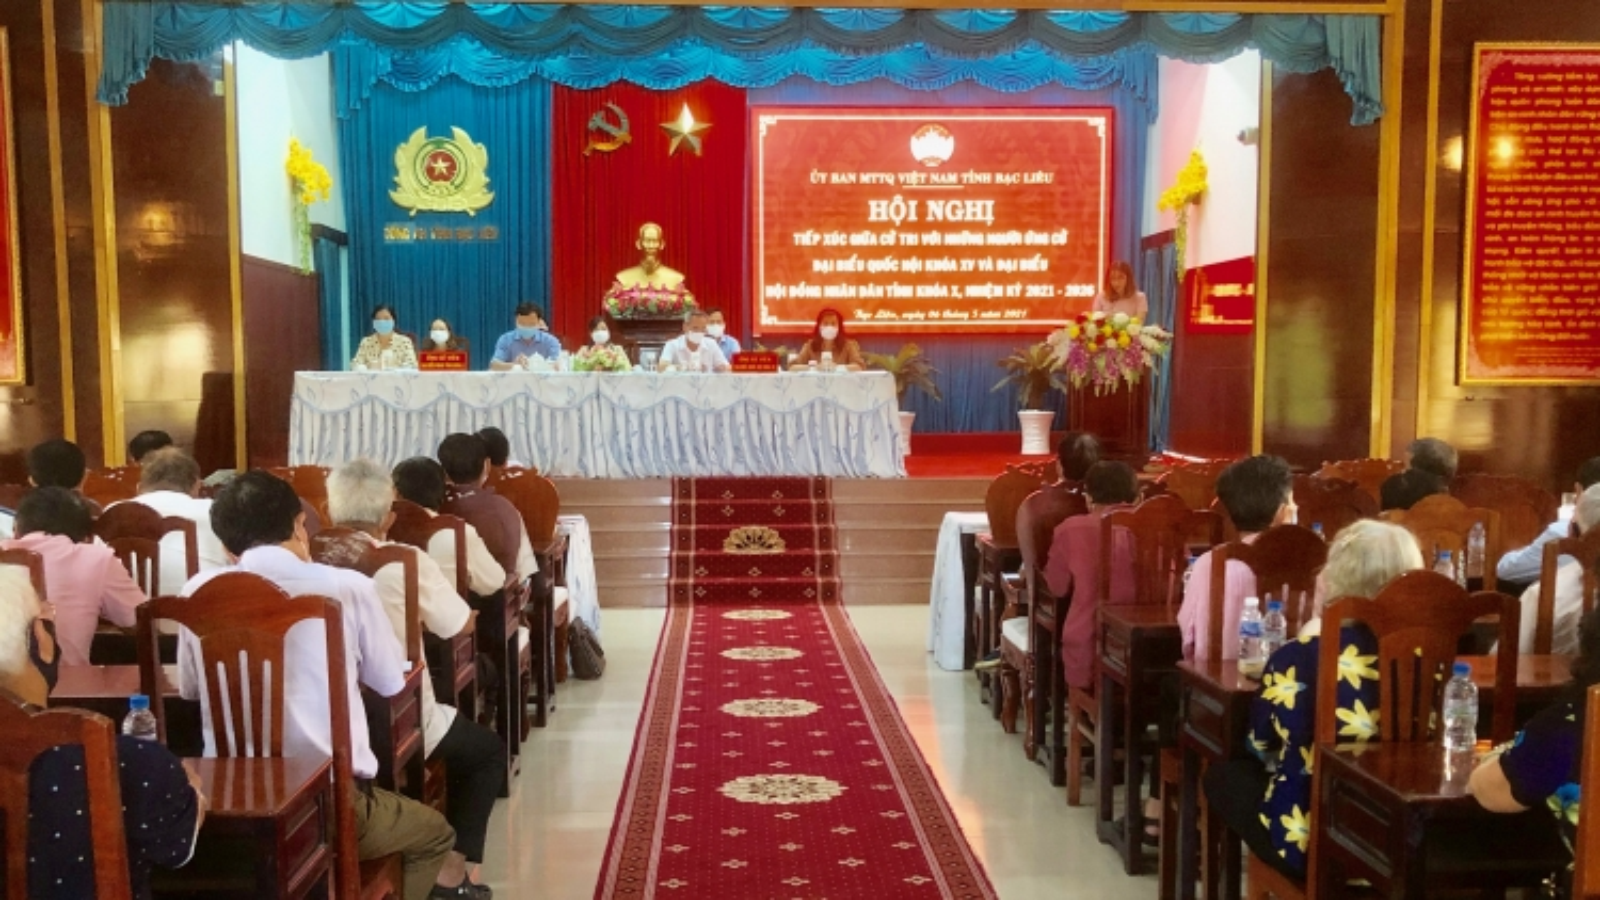 Ứng cử viên Đại biểu Quốc hội nêu chương trình hành động trước cử tri Bạc Liêu